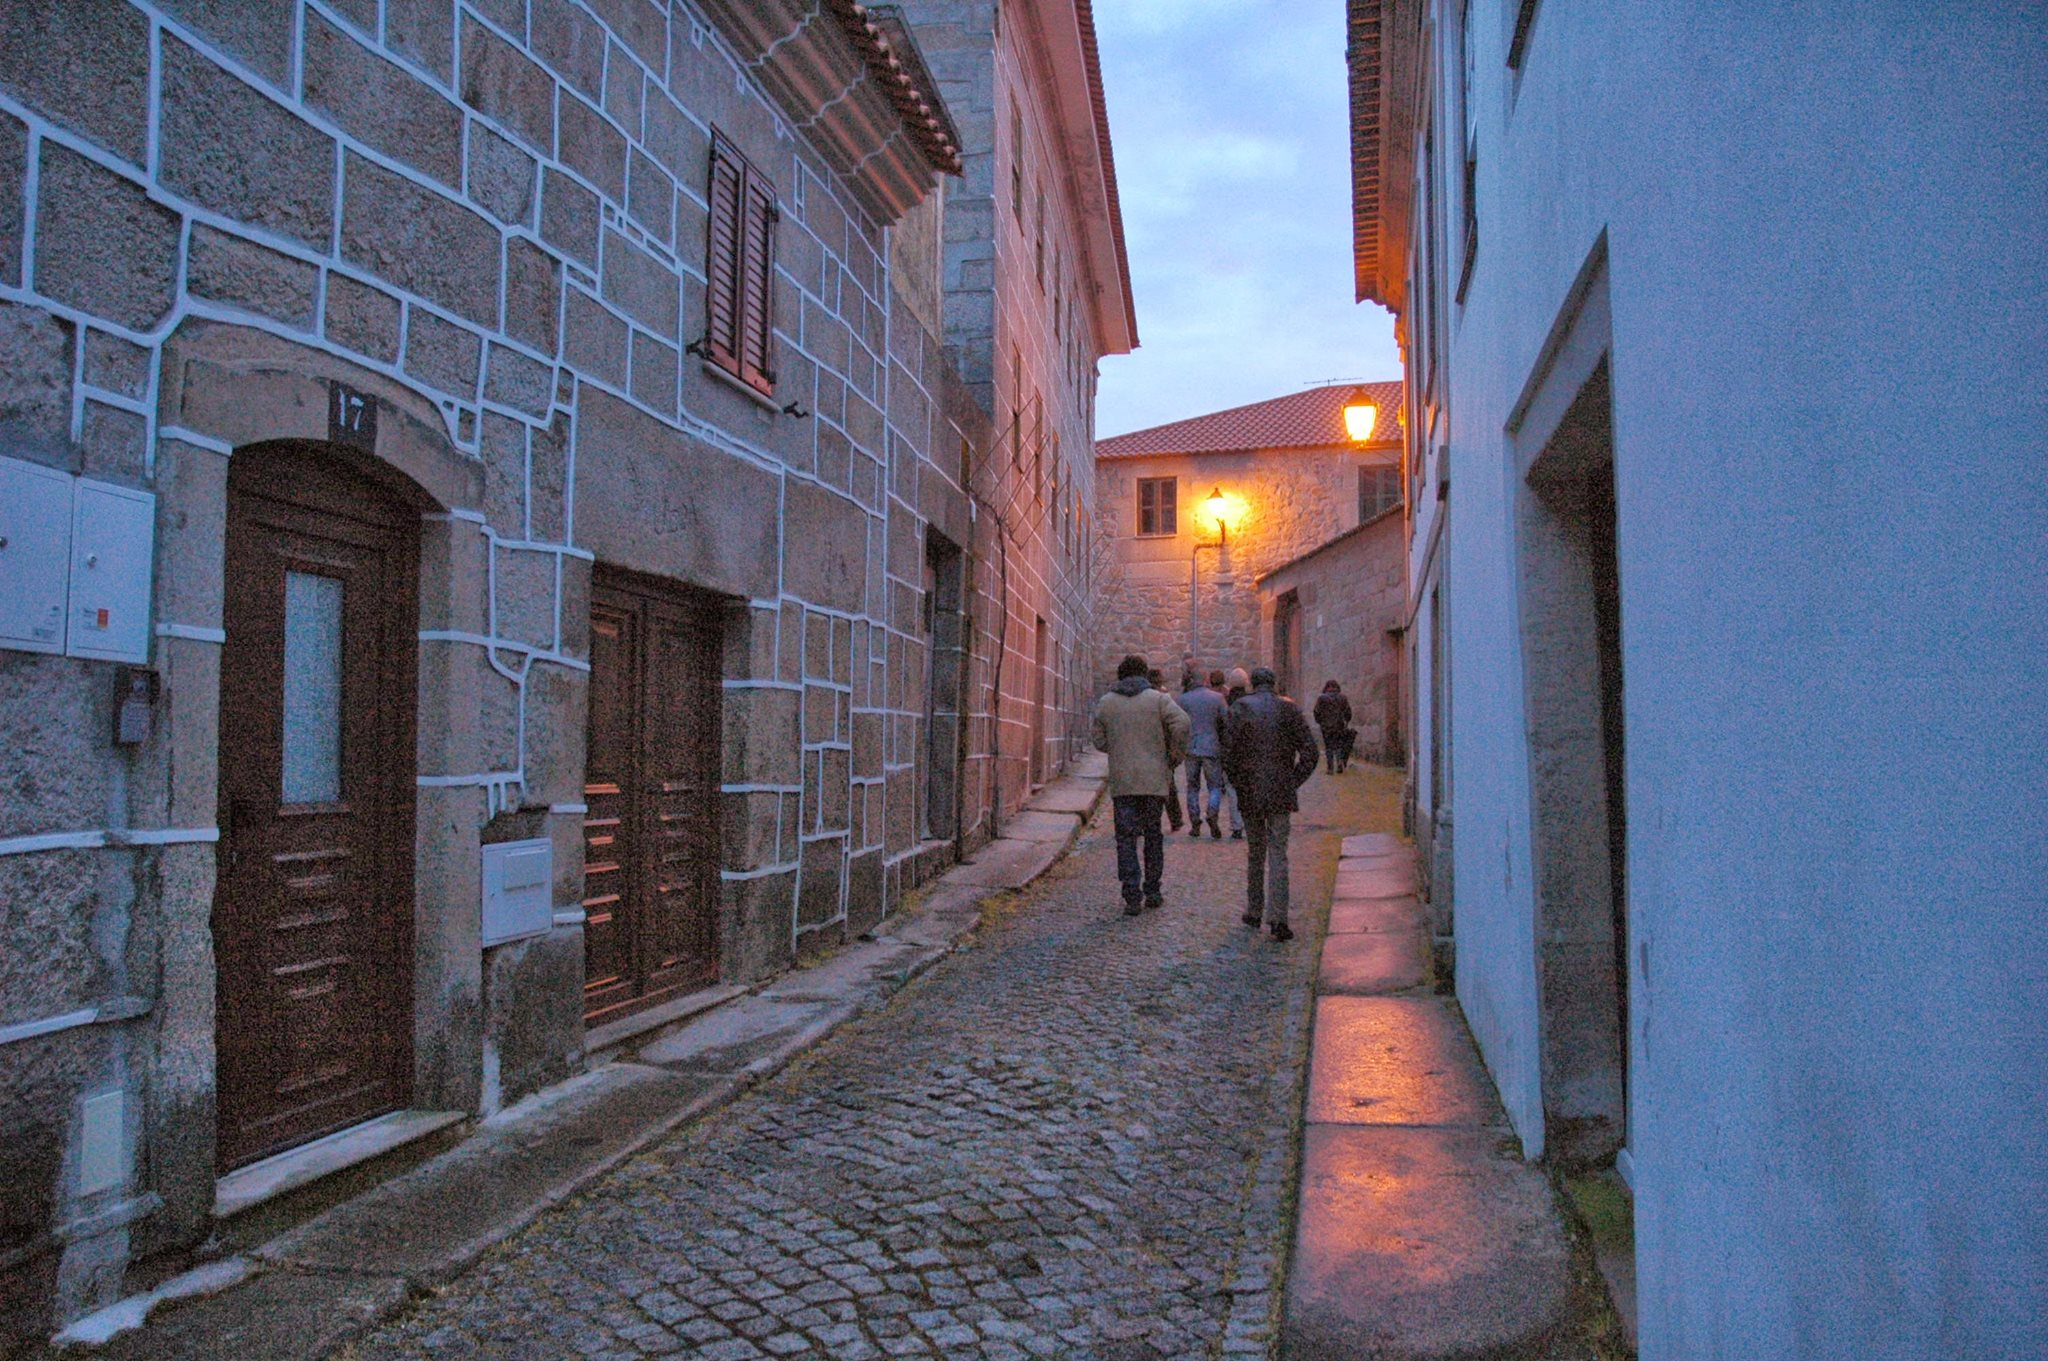 Rua Histórica de Freixo de Numão (onde encontramos o Museu e ruinas romanas da região)